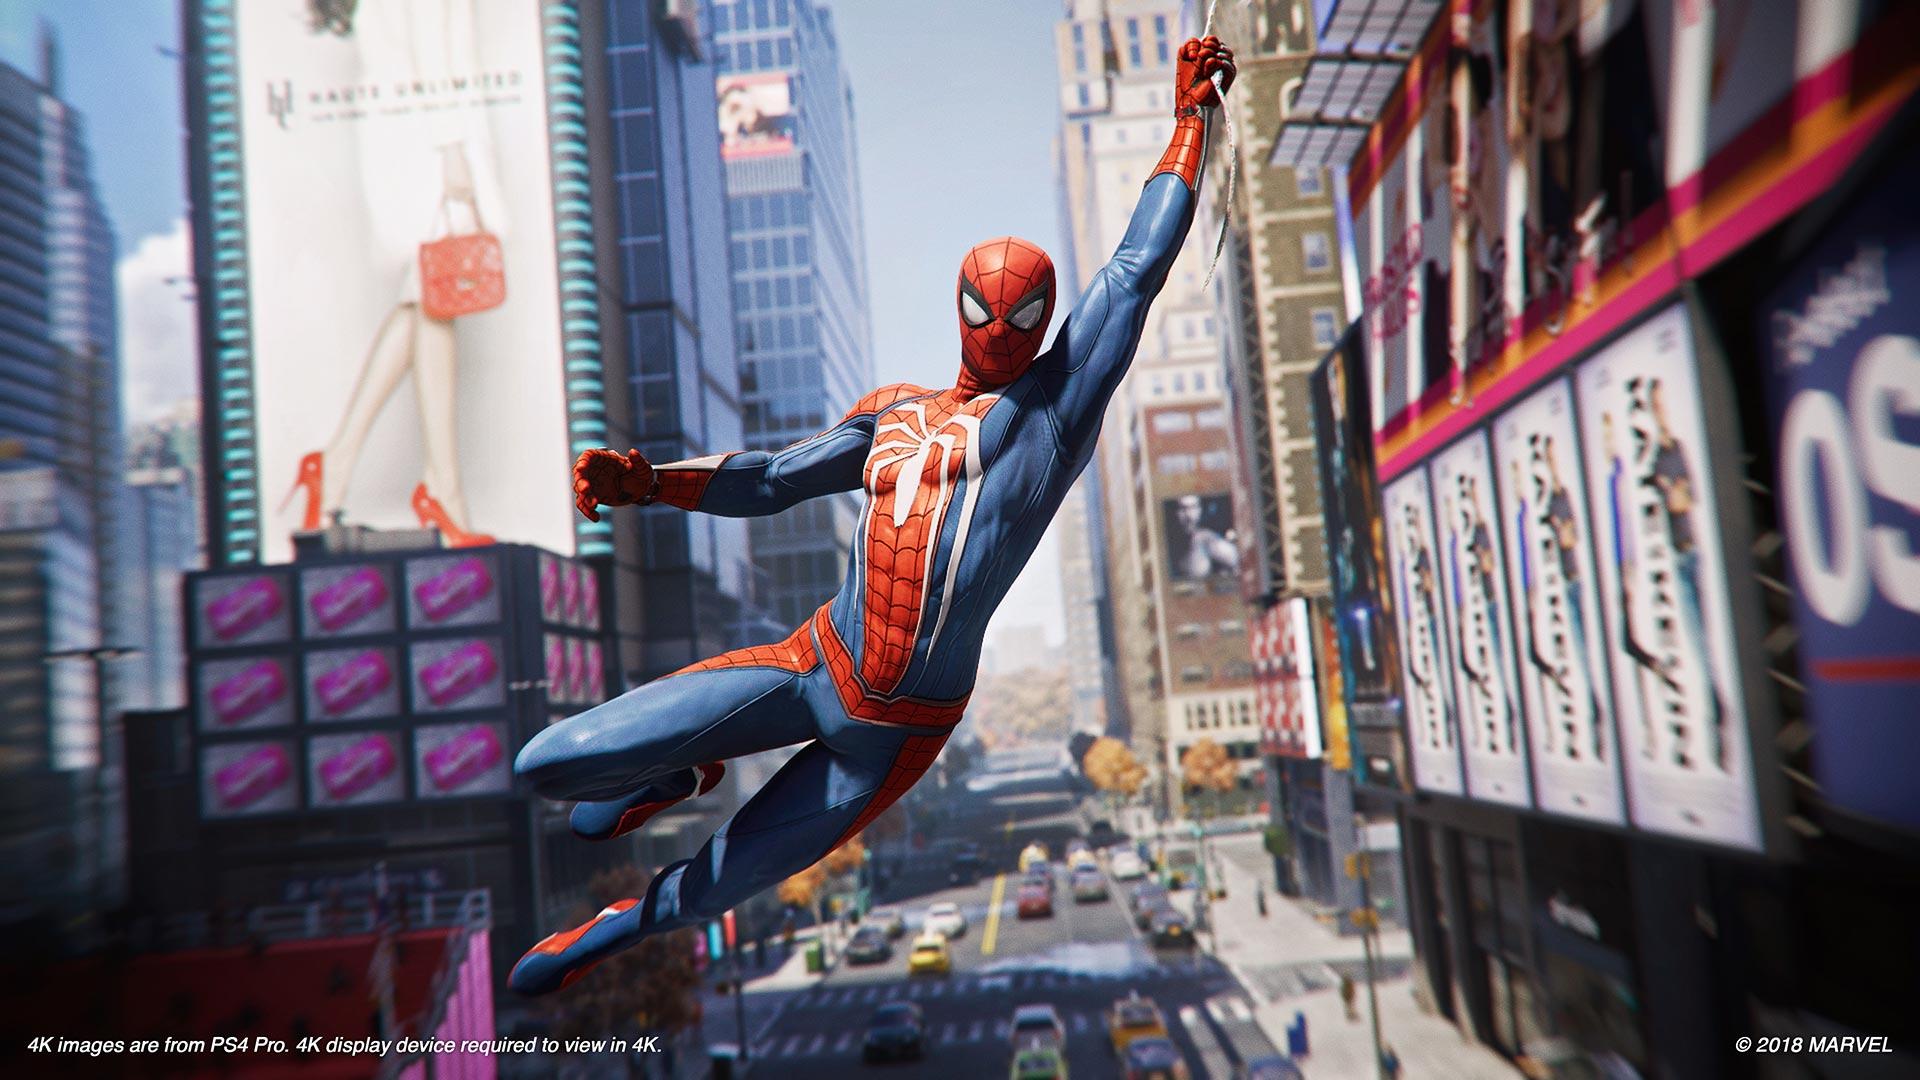 spider-man marvel's ps4